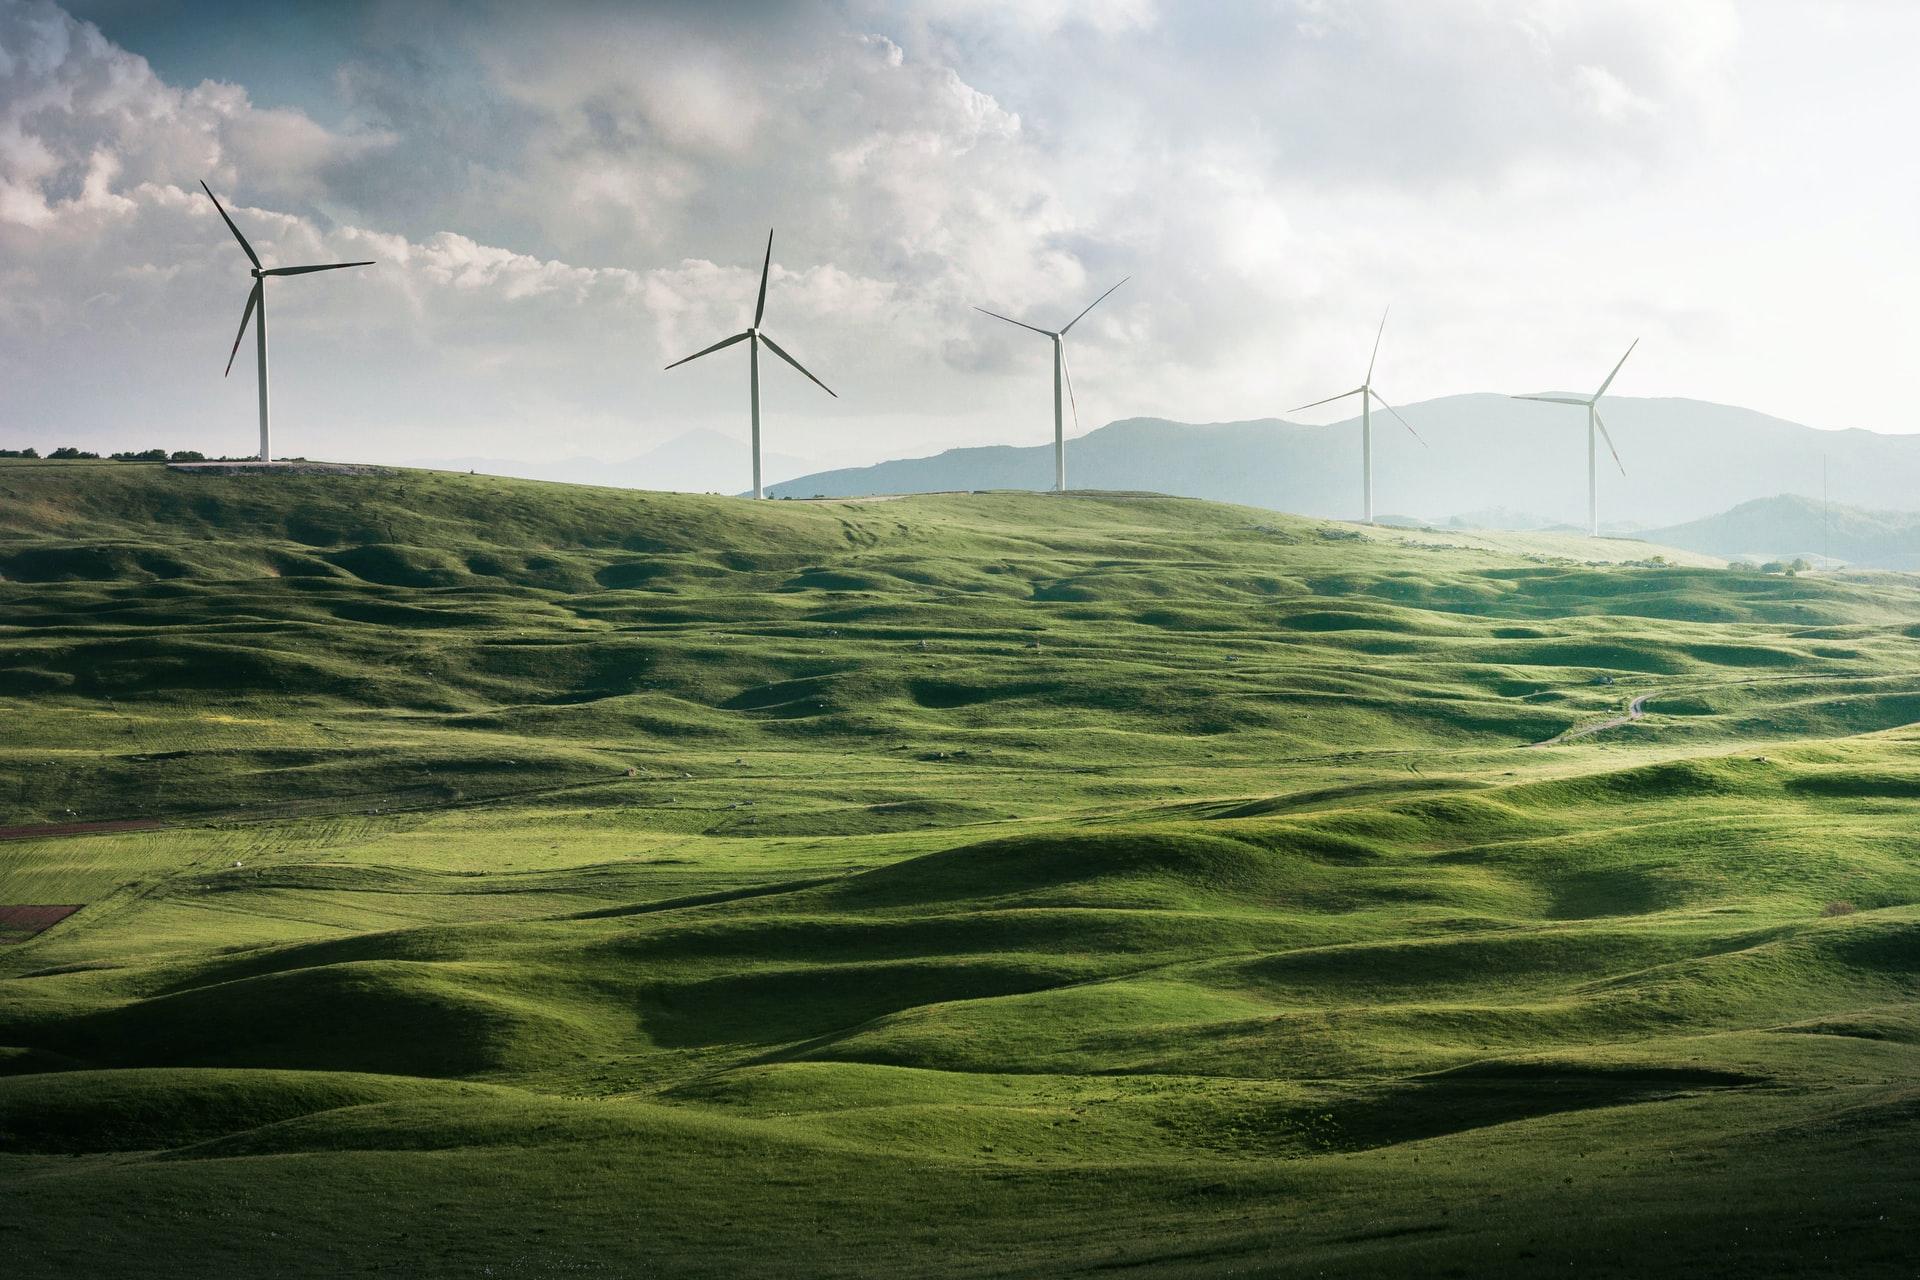 Jó úton halad a Facebook, hogy elérje a fenntarthatósági céljait